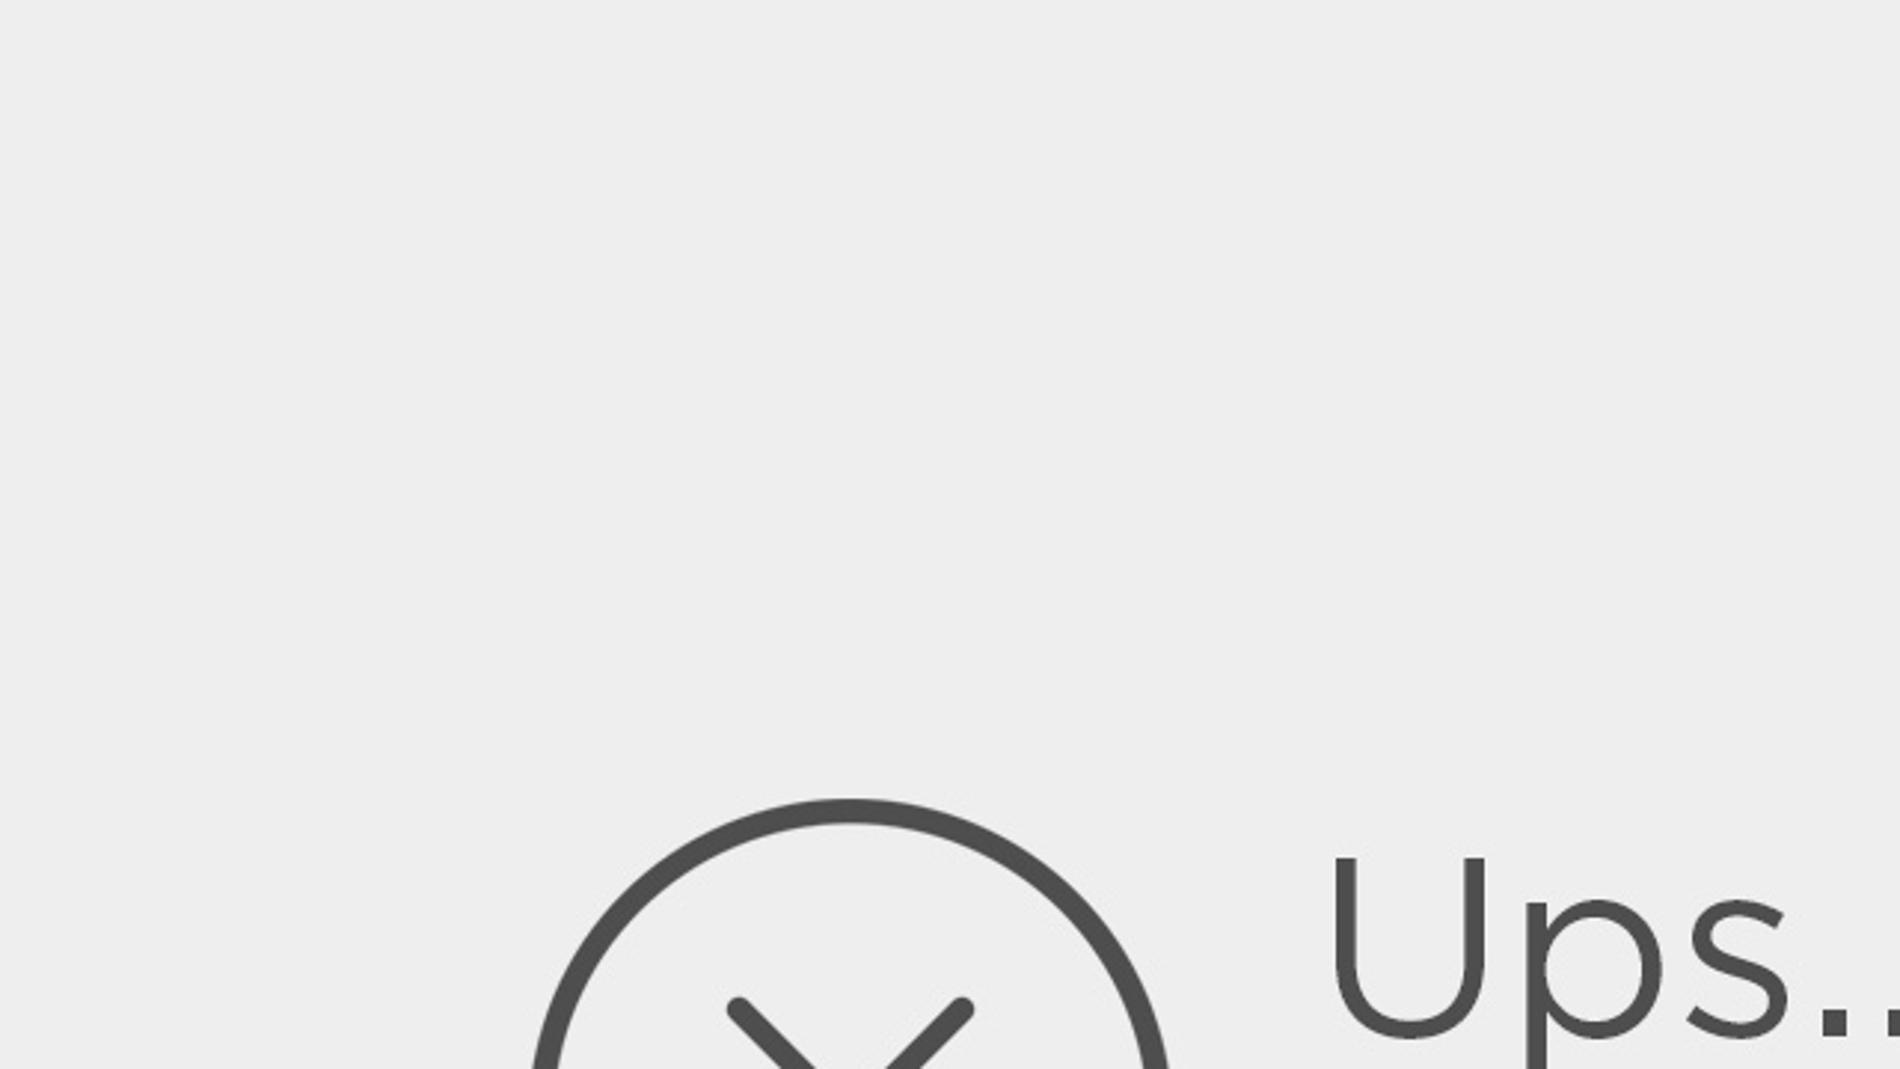 Chris Pratt vence a 'Los Vengadores'Chris Pratt vence a 'Los Vengadores'